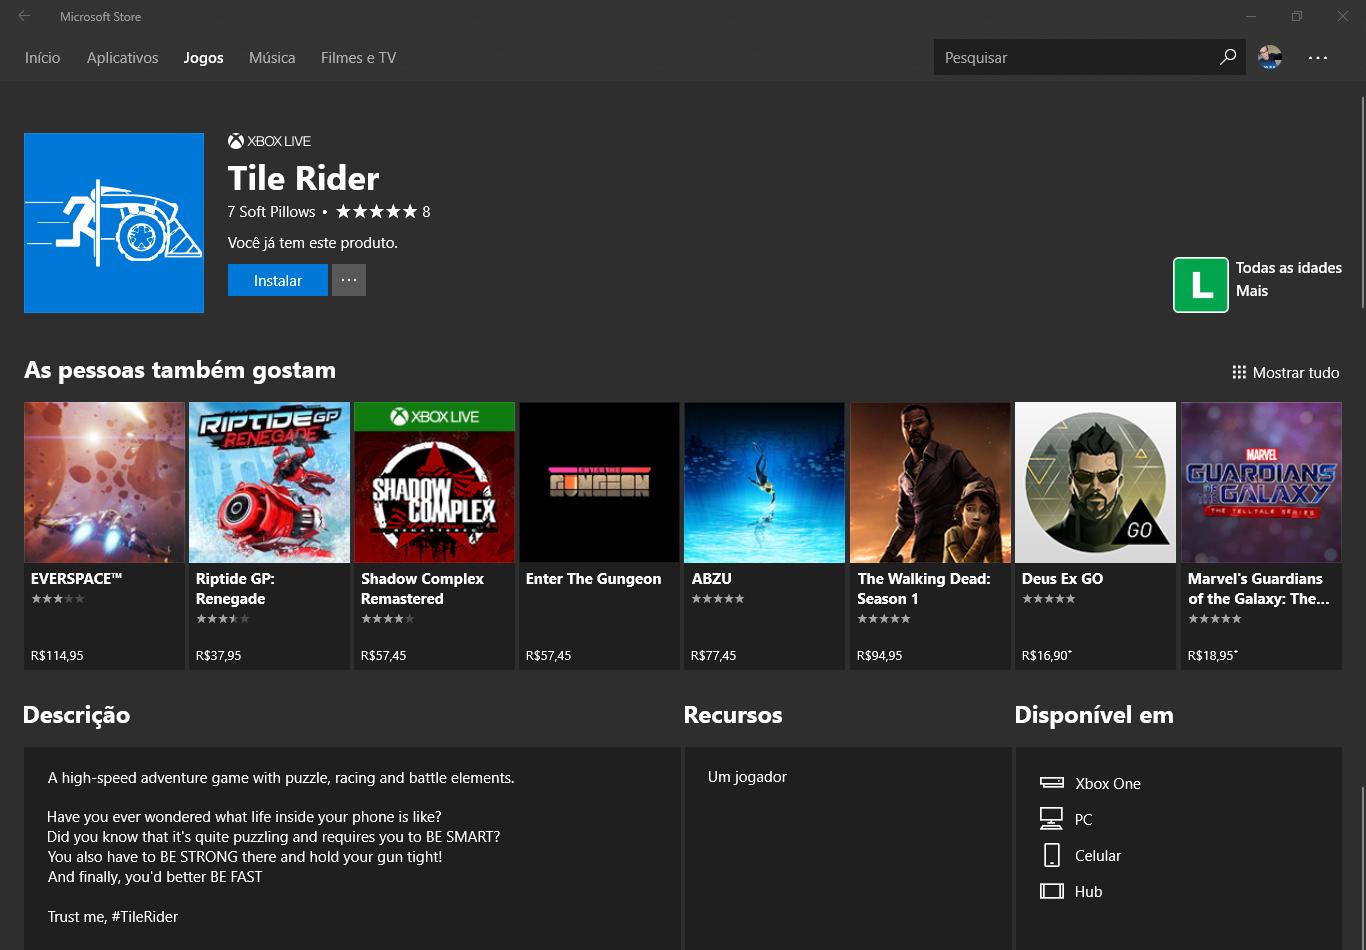 Tile Rider: Grátis por tempo limitado!